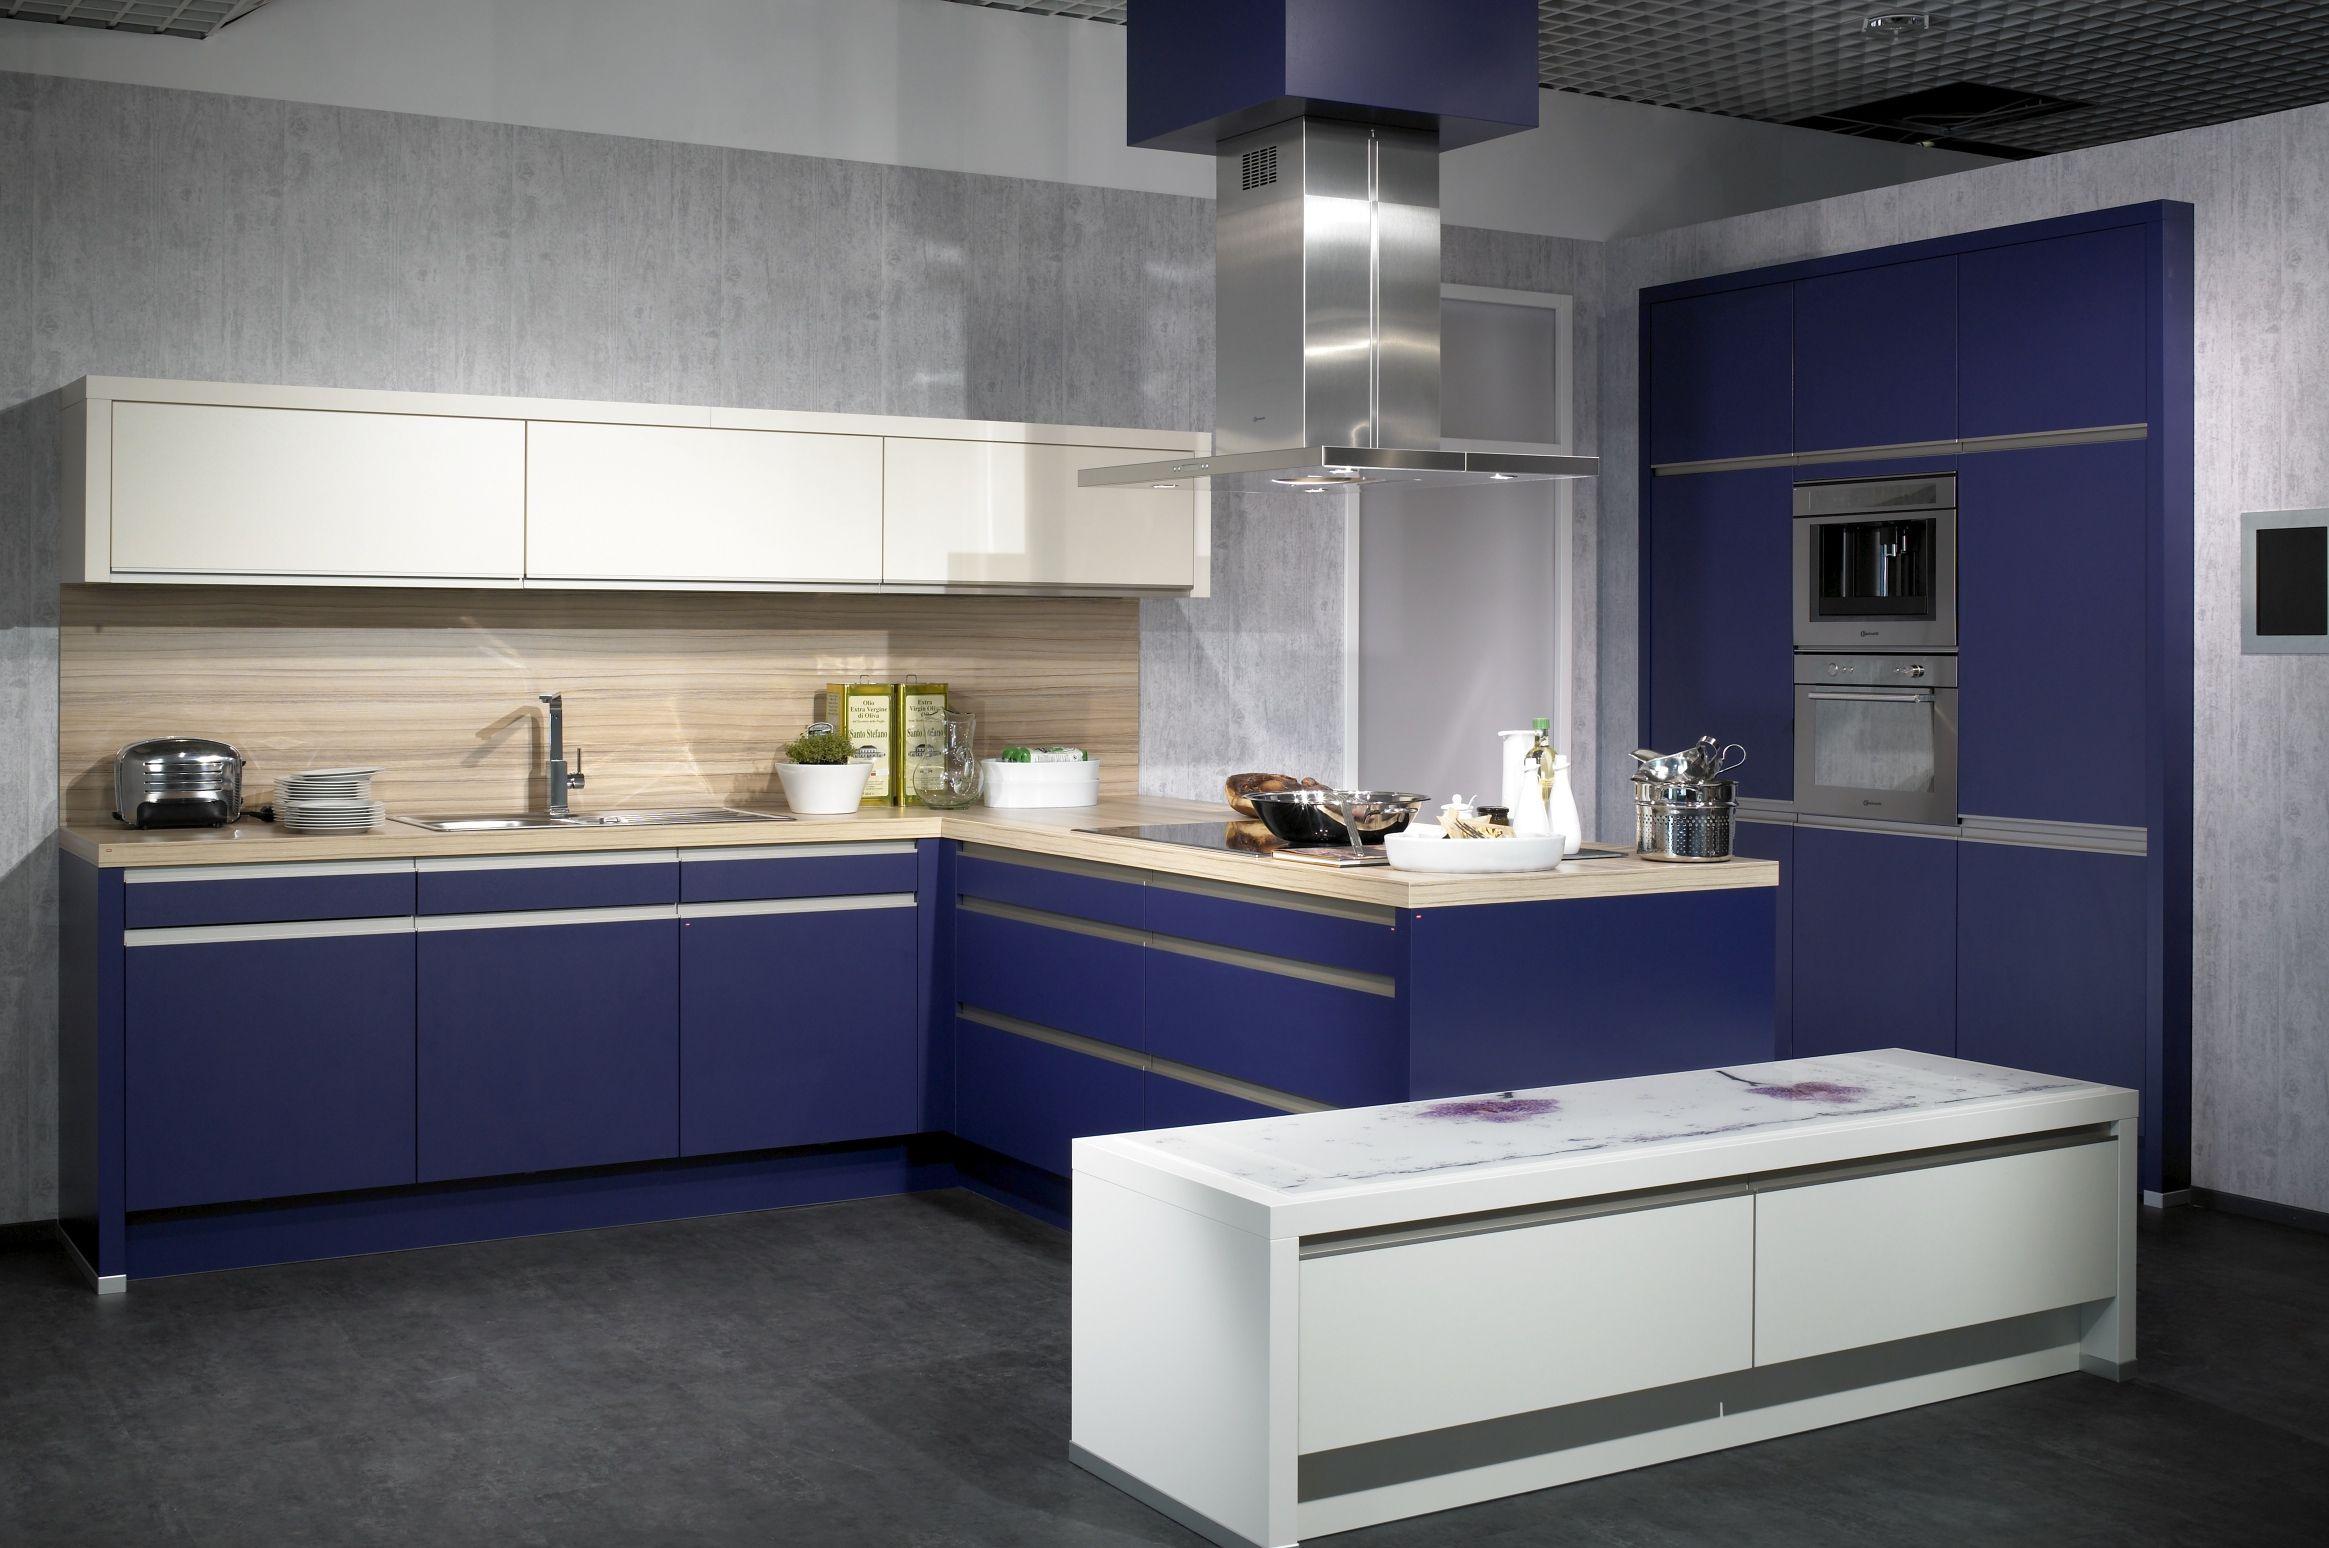 cocina en azul y blanco con detalles en madera natural